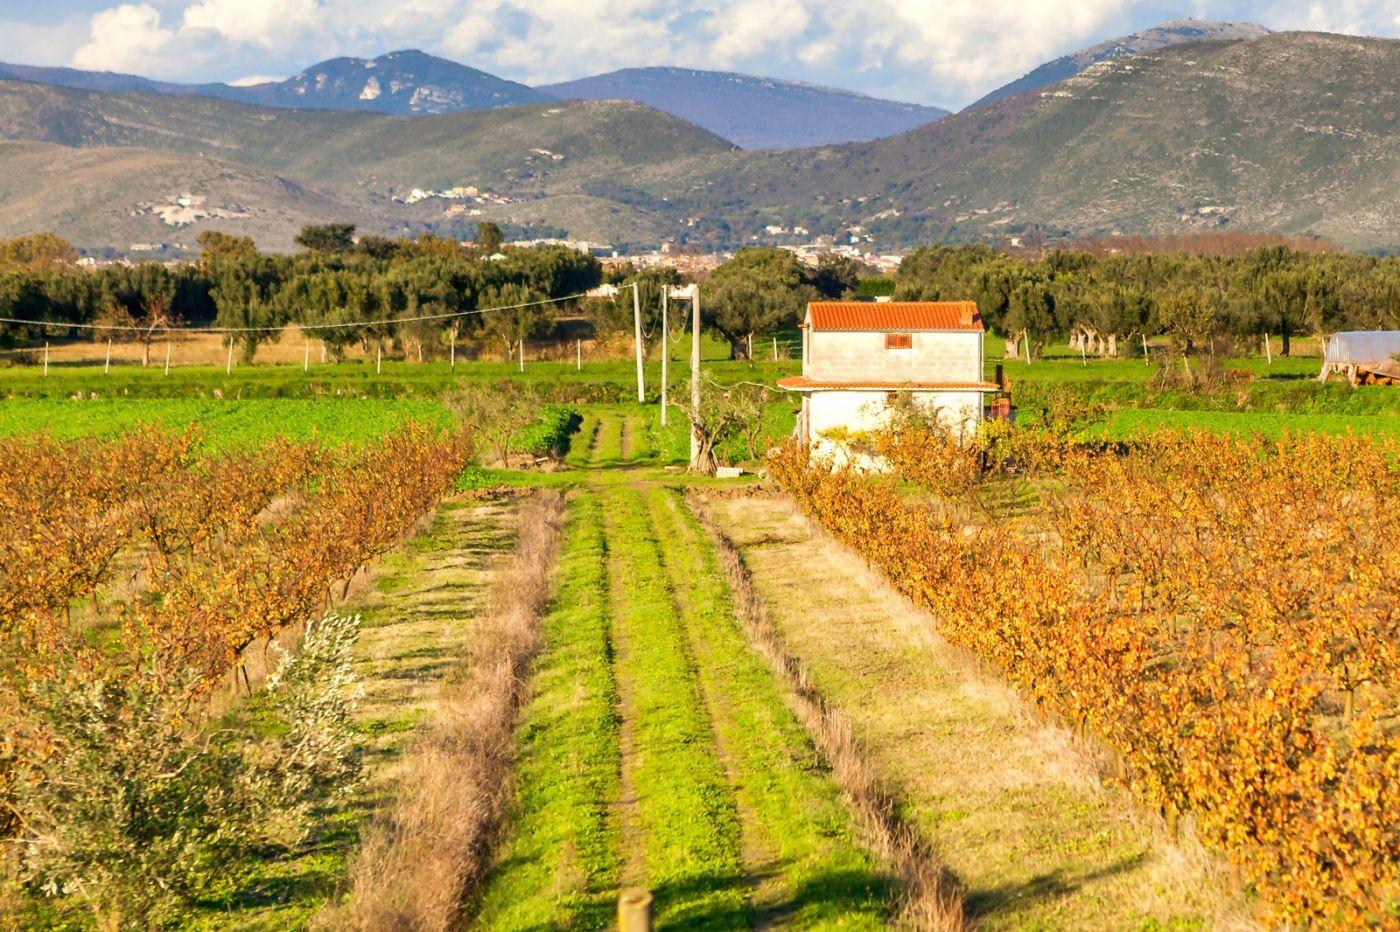 意大利路途,这就是乡村生活?_图1-10